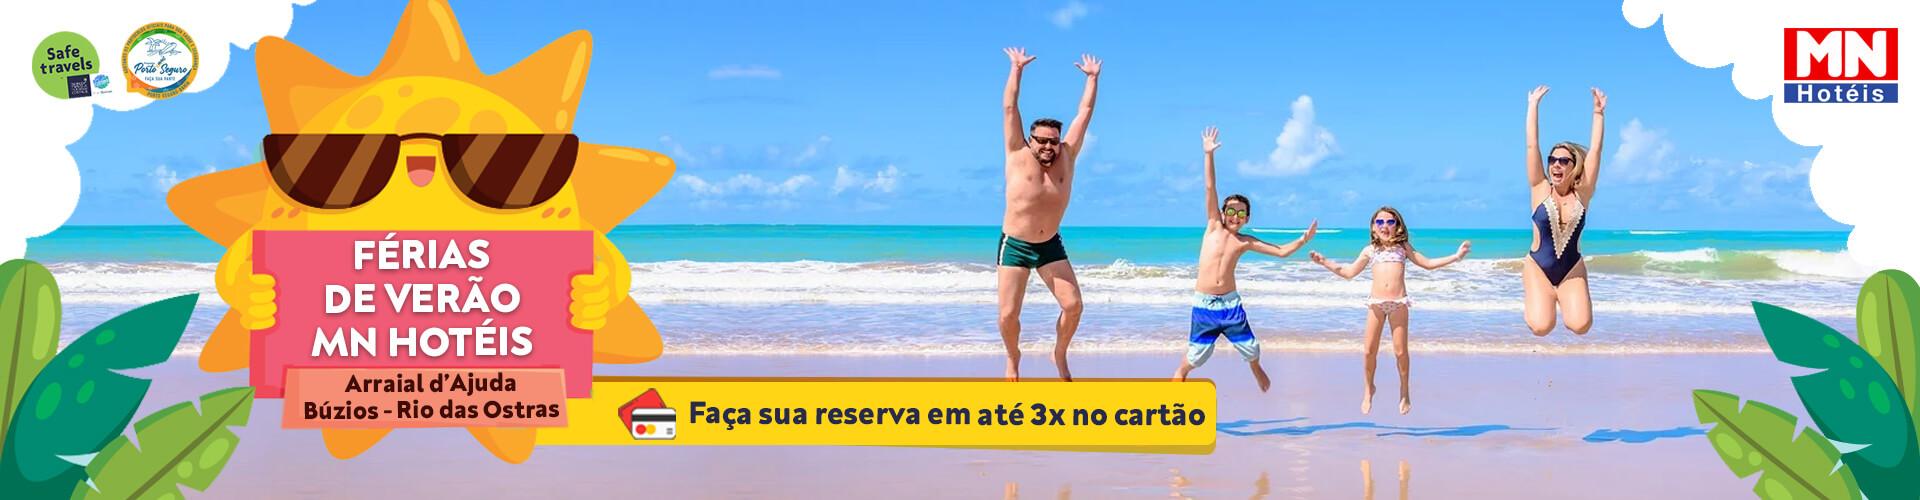 BANNER HOME FERIAS DE VERÃO (1)